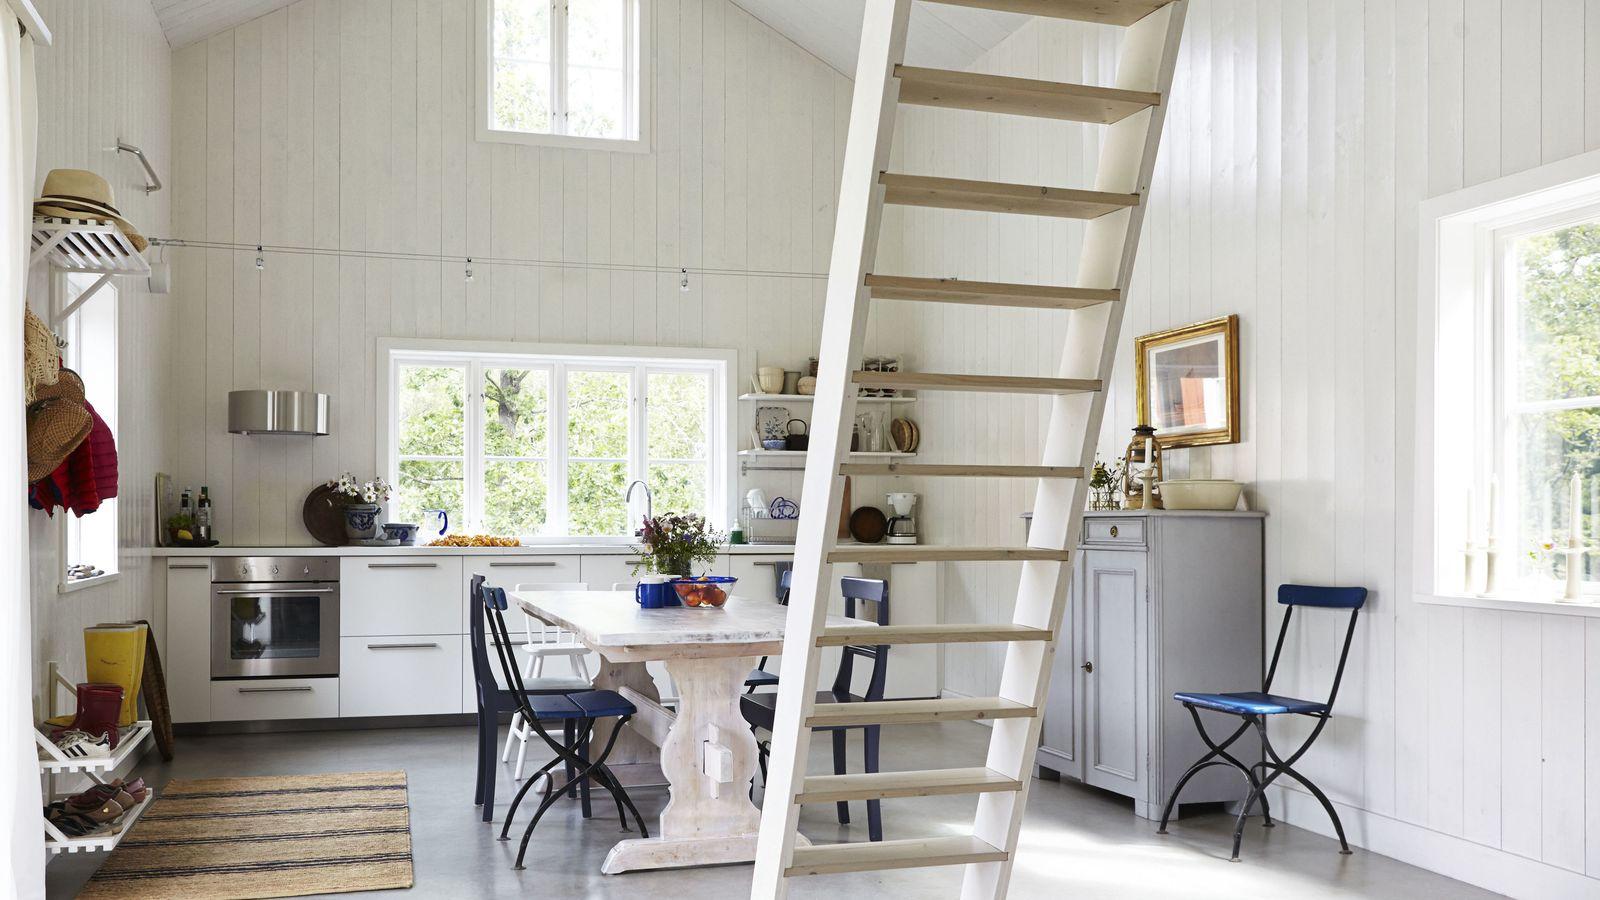 hd aspect 1482513031 rustic swedish cottage 3